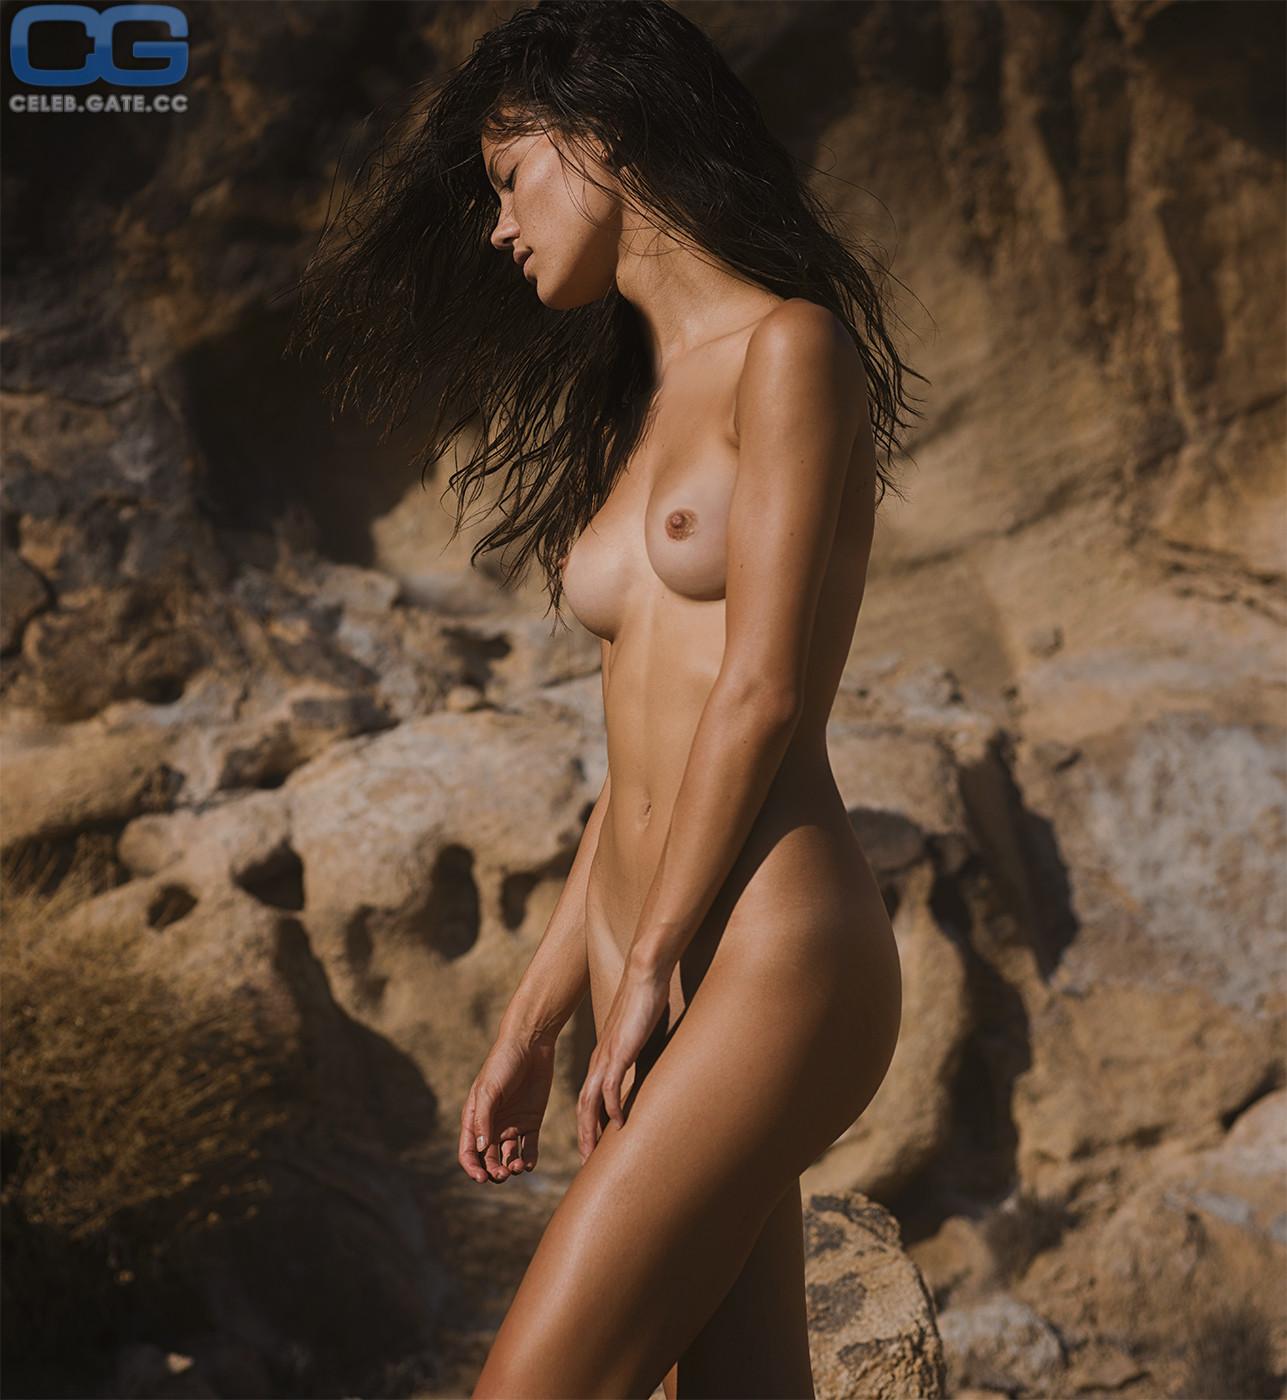 Keilani Asmus Nackt, Nacktbilder, Playboy, Nacktfotos -4079